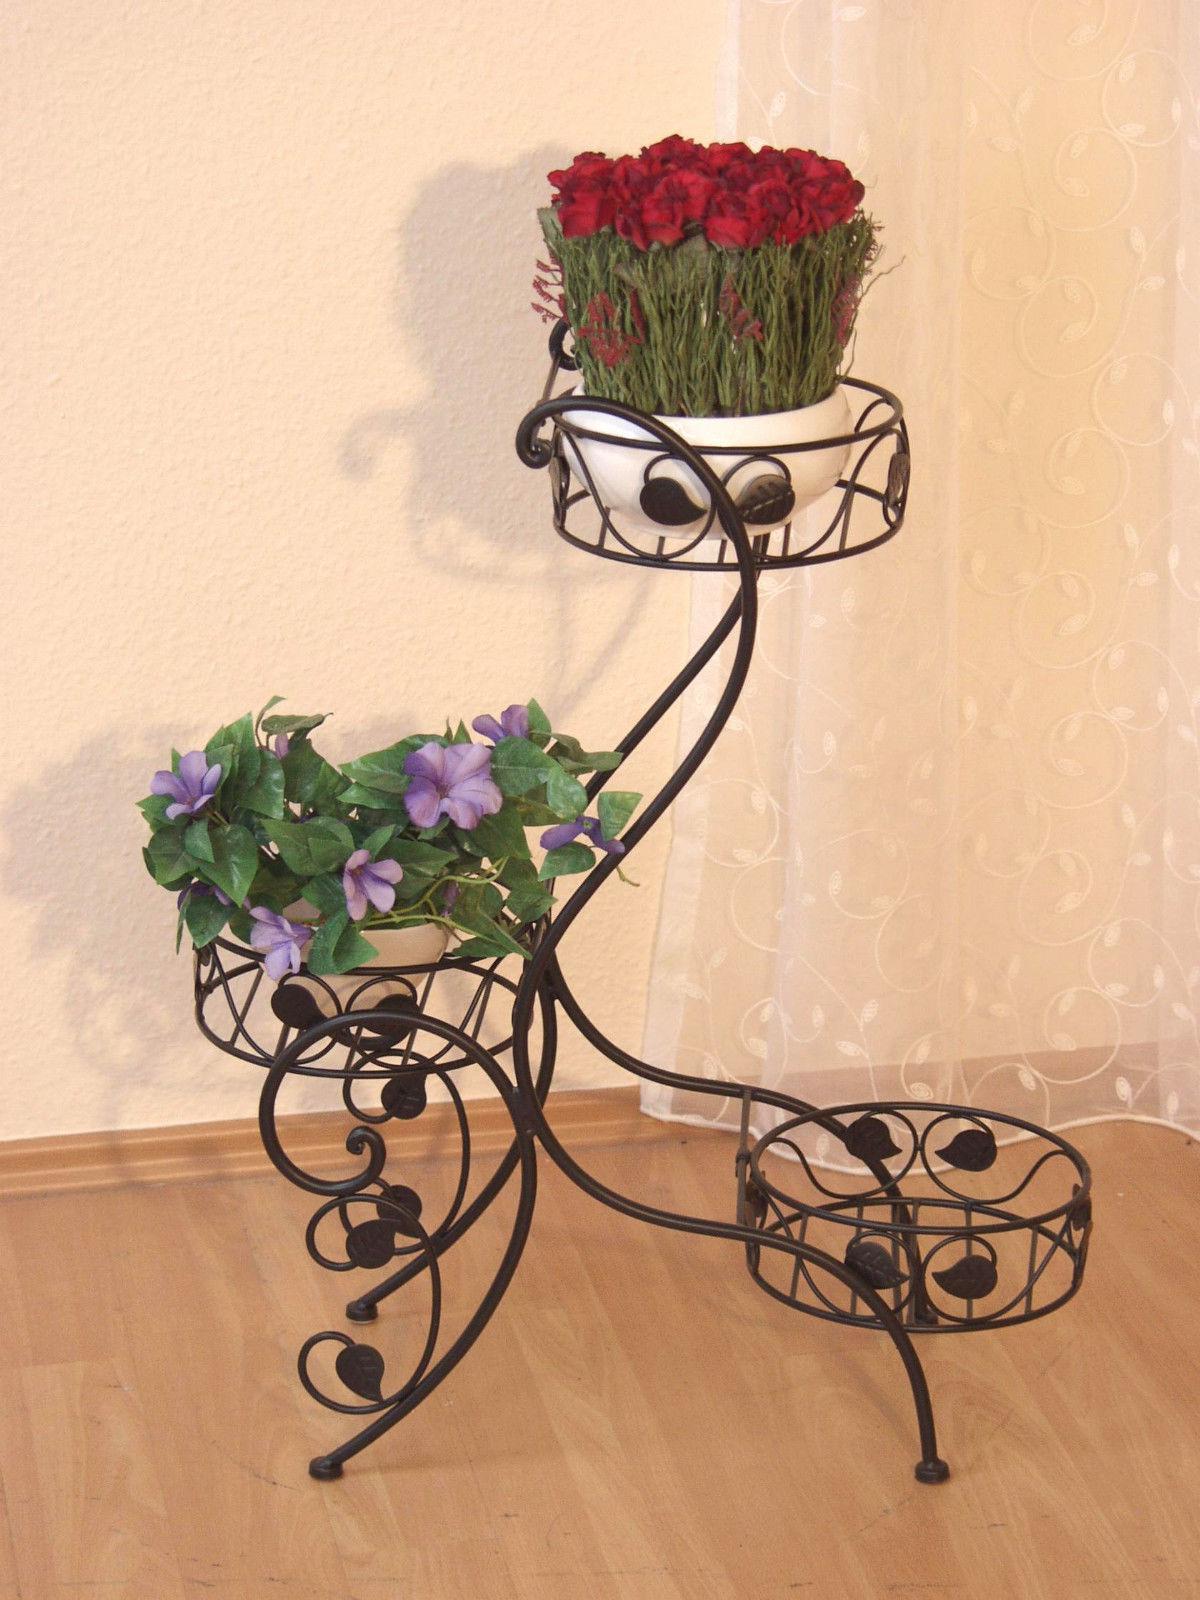 blumenst nder blumen st nder pflanzenschale pflanzenst nder schwarz wei weiss kaufen bei go. Black Bedroom Furniture Sets. Home Design Ideas